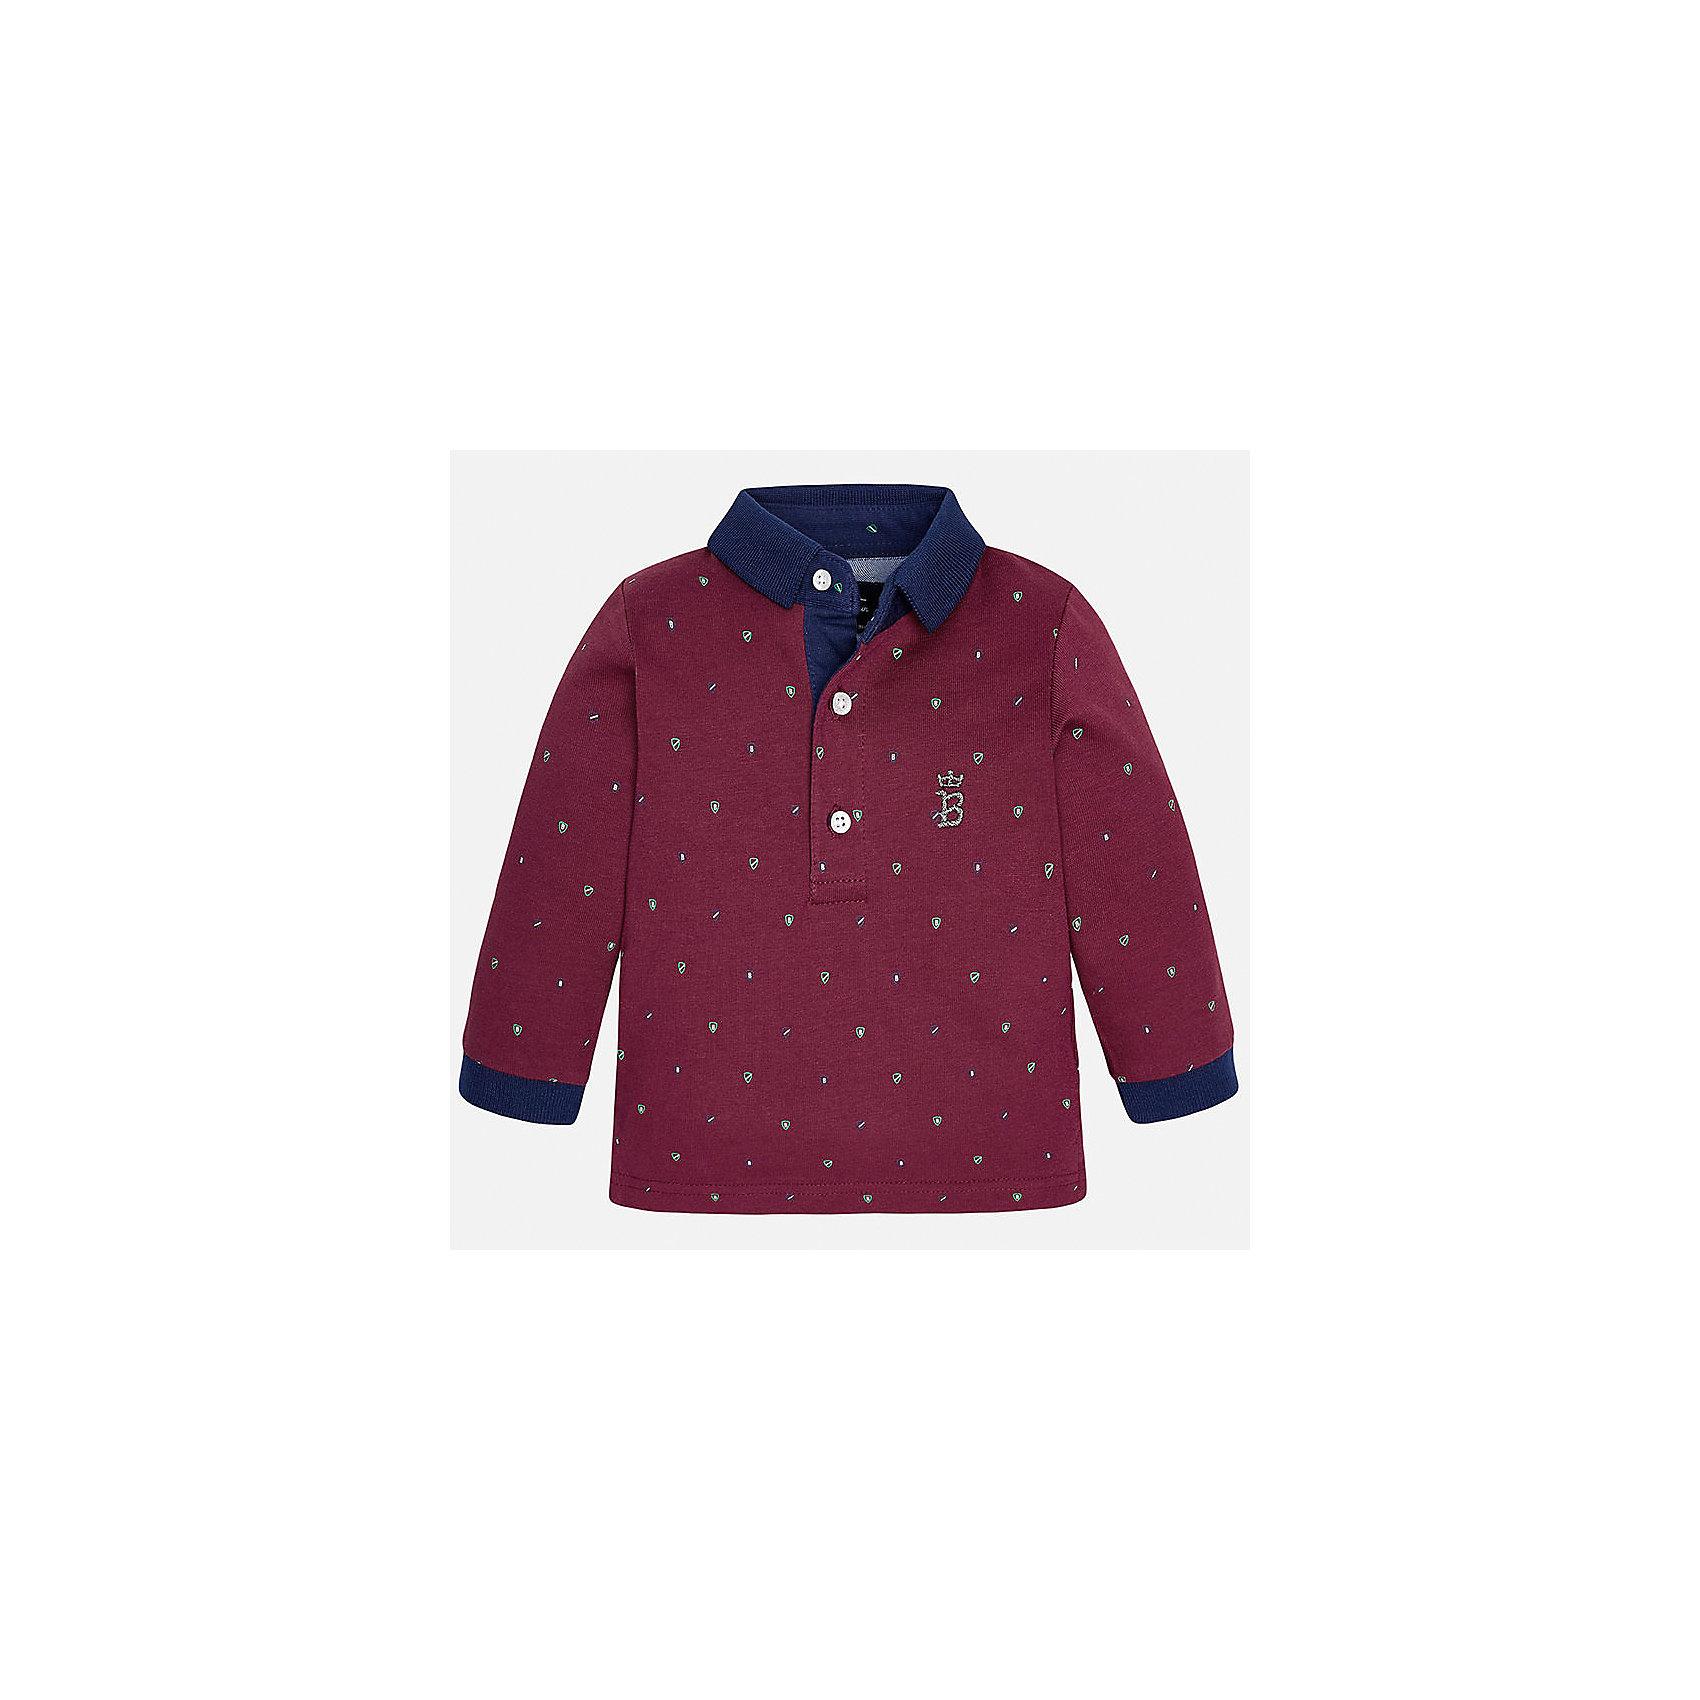 Футболка-поло с длинным рукавом для мальчика MayoralФутболки с длинным рукавом<br>Рубашка-поло от известного испанского бренда Mayoral. Рубашка из качественного хлопка, застегивается на пуговицы у ворота. Ненавязчивый принт, контрастный дизайн на манжетах и вороте отлично подойдет ценителям стиля и простоты.<br>Дополнительная информация:<br>-прямой силуэт<br>-3 застежки-пуговицы на вороте<br>-украшена небольшой эмблемой на груди<br>-цвет: бордовый<br>-состав: 100% хлопок<br>Рубашку поло Mayoral вы можете приобрести в нашем интернет-магазине.<br><br>Ширина мм: 174<br>Глубина мм: 10<br>Высота мм: 169<br>Вес г: 157<br>Цвет: бордовый<br>Возраст от месяцев: 12<br>Возраст до месяцев: 15<br>Пол: Мужской<br>Возраст: Детский<br>Размер: 80,92,86<br>SKU: 4820548